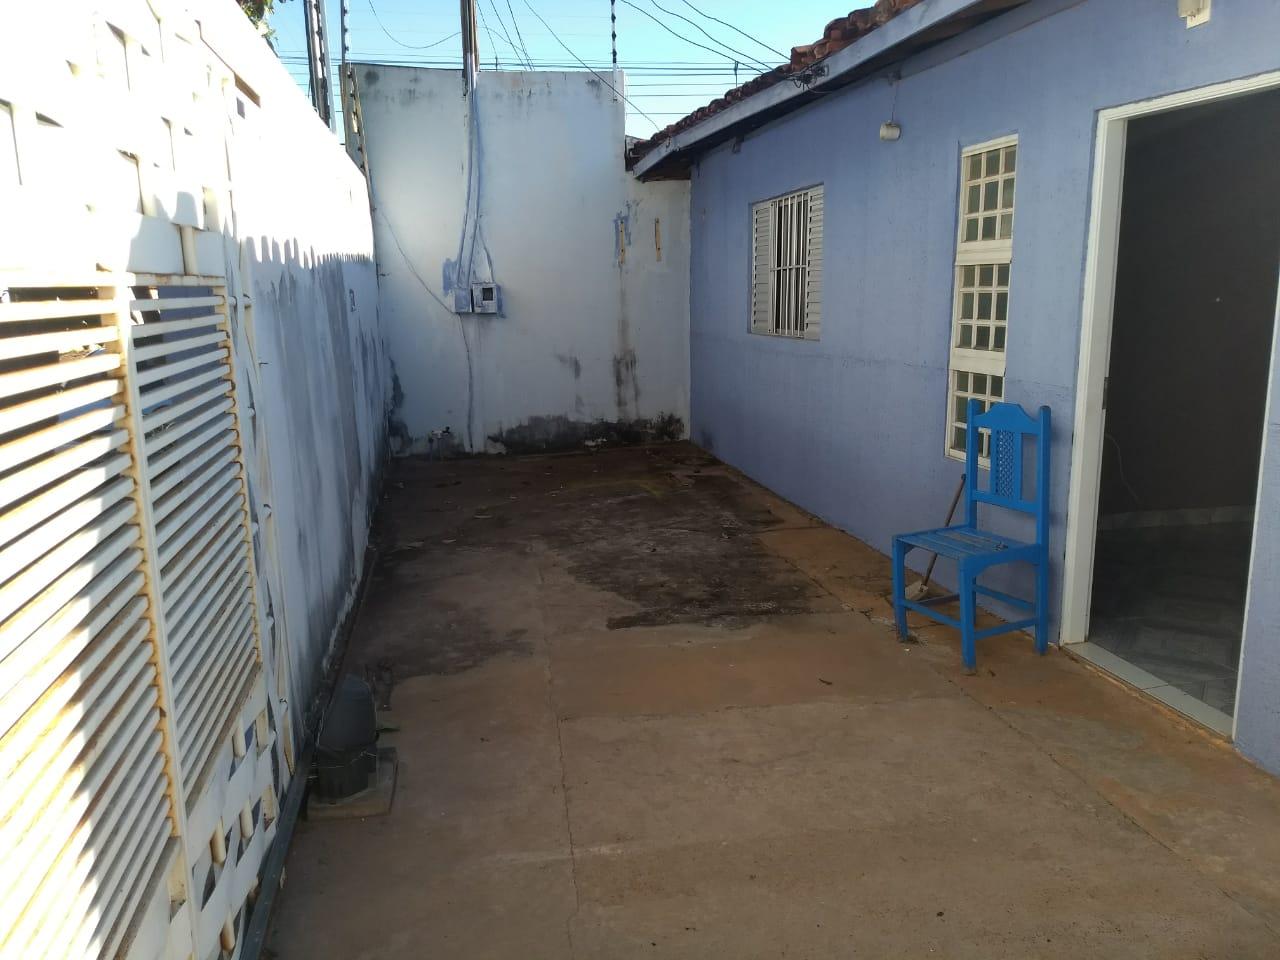 Casa  com 3 quartos no Cpa IV, Cuiabá  - MT